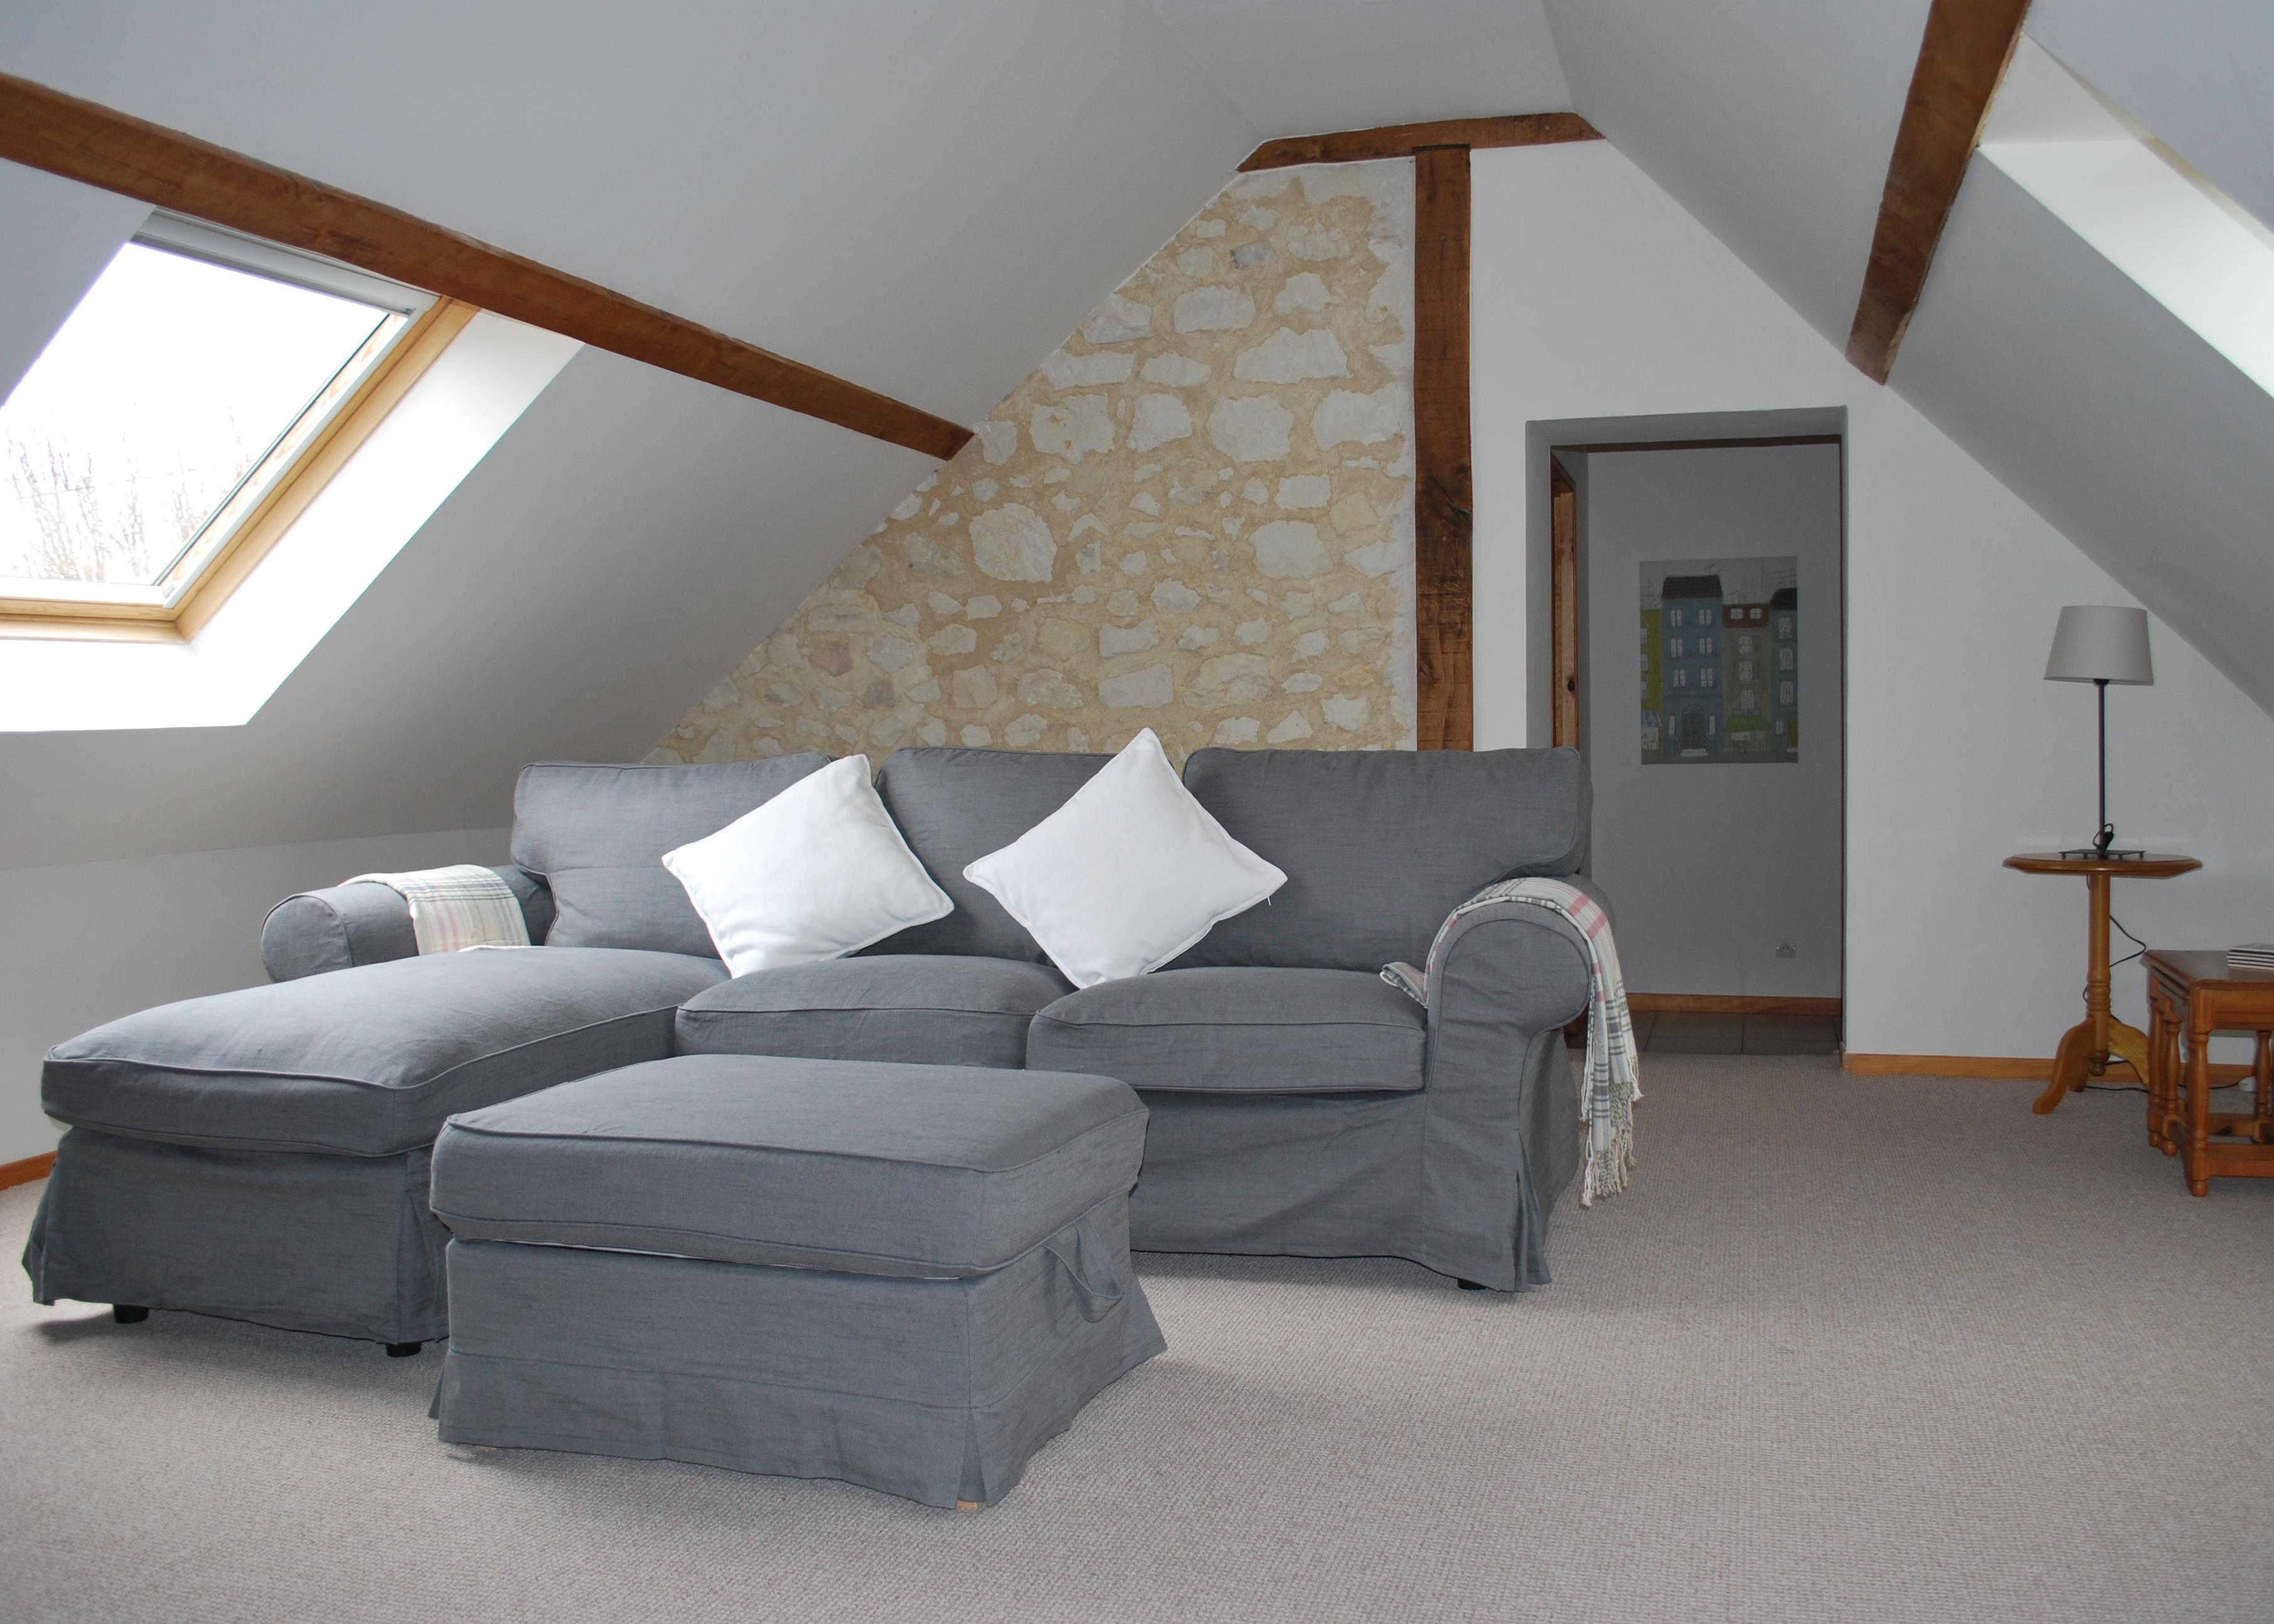 LG Lounge